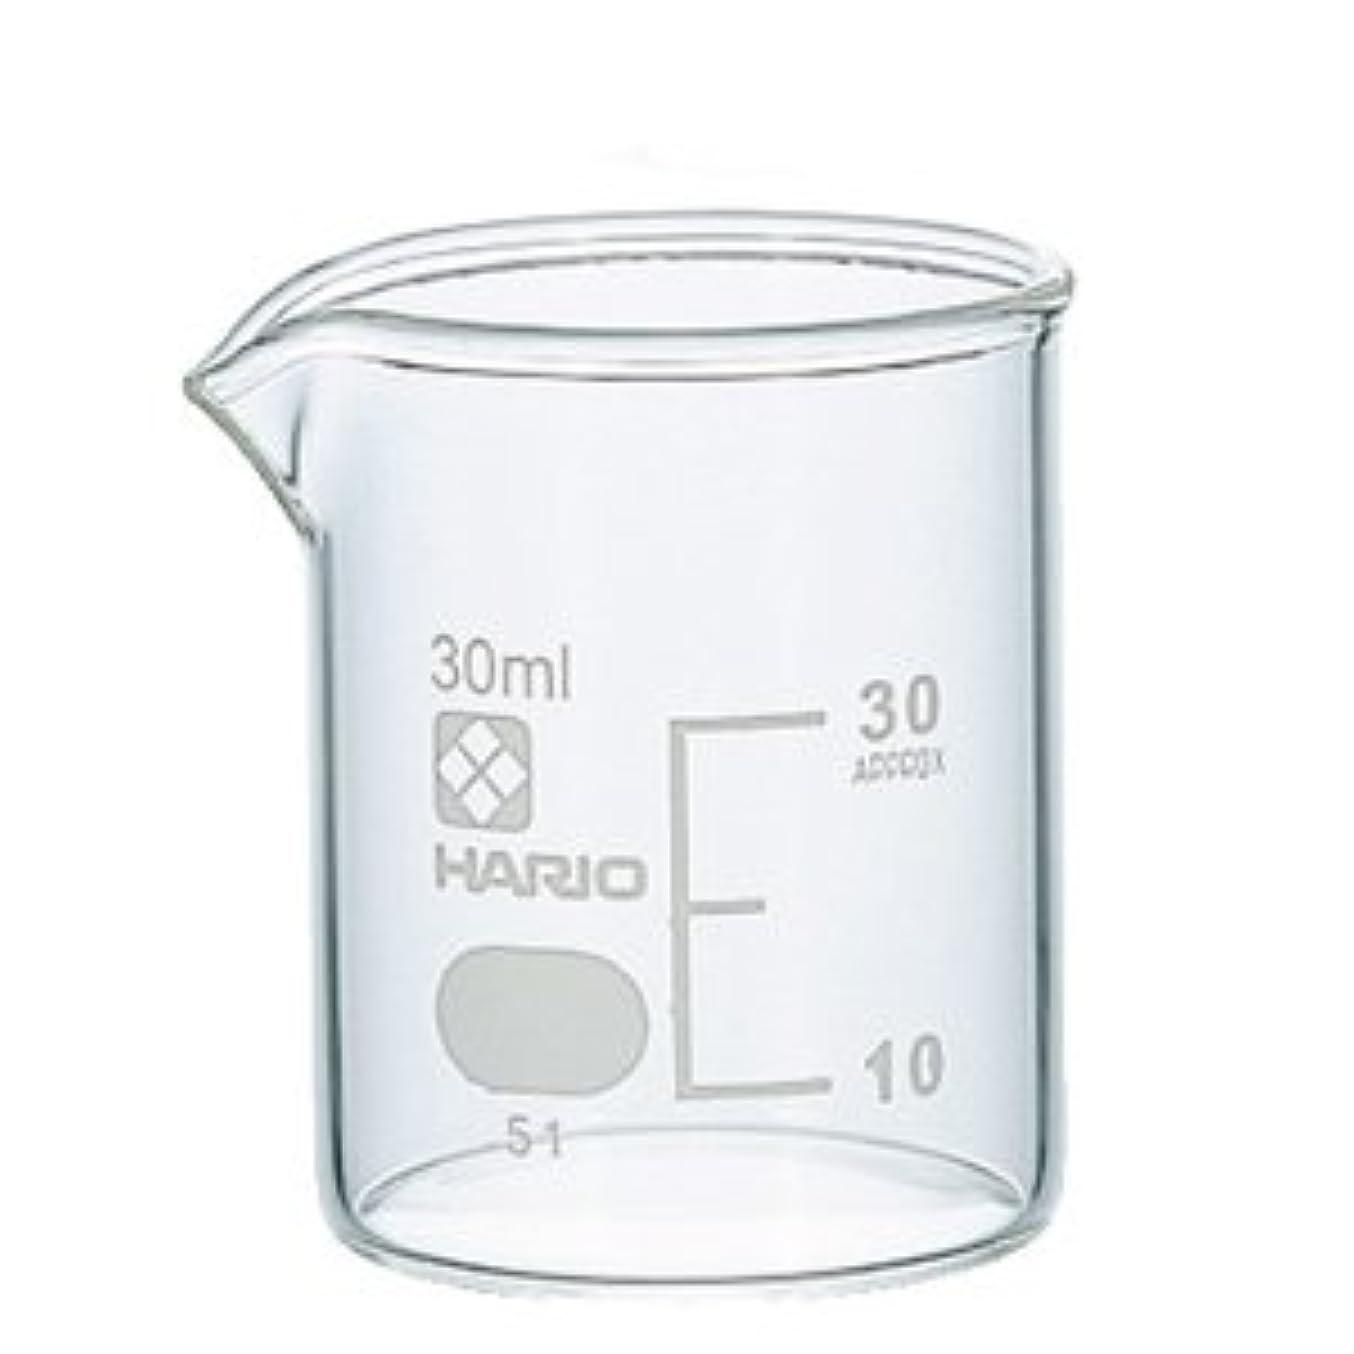 科学タイルによってガラスビーカー 30ml 【手作り石鹸/手作りコスメ/手作り化粧品】